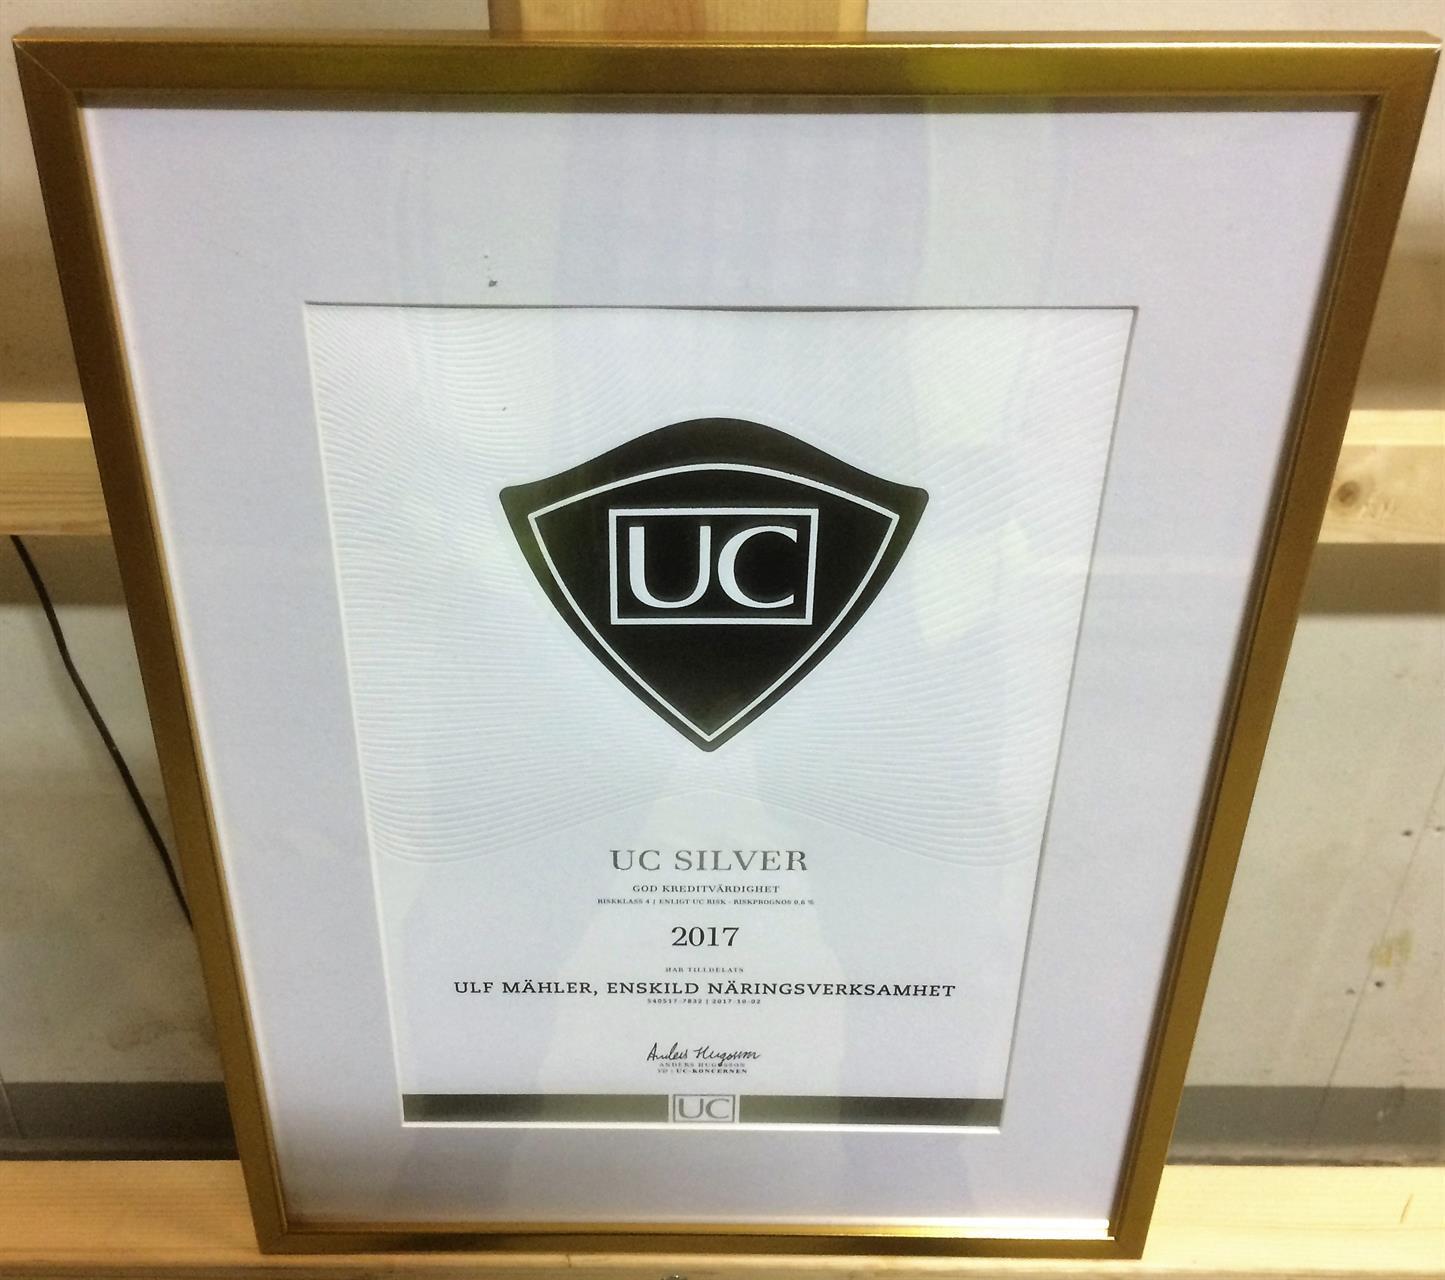 UC-tavla för god kreditvärdighet